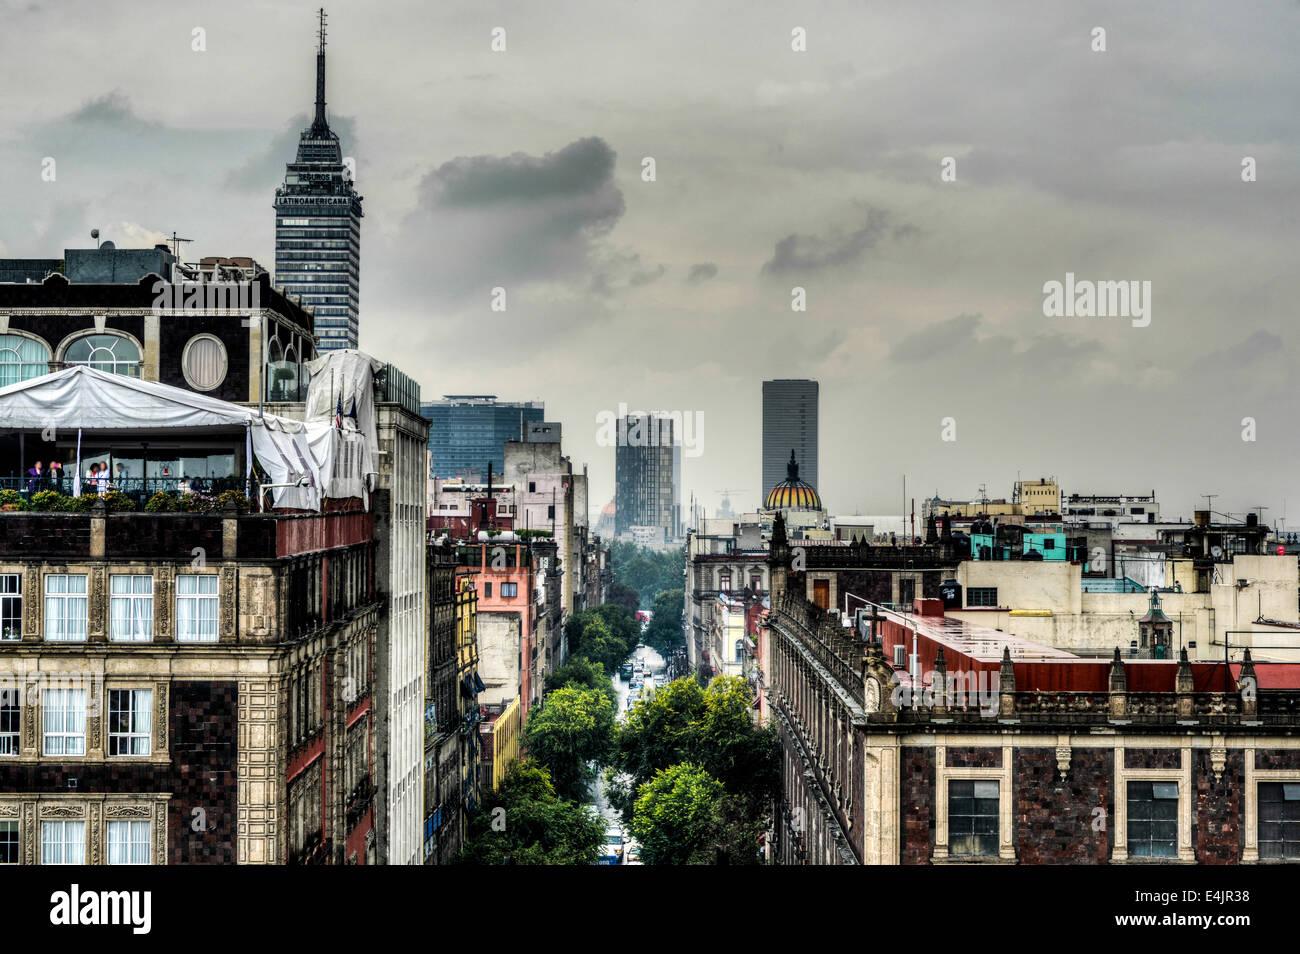 Vue aérienne de la ville de Mexico comme vu de la Cathédrale Métropolitaine. Photo Stock